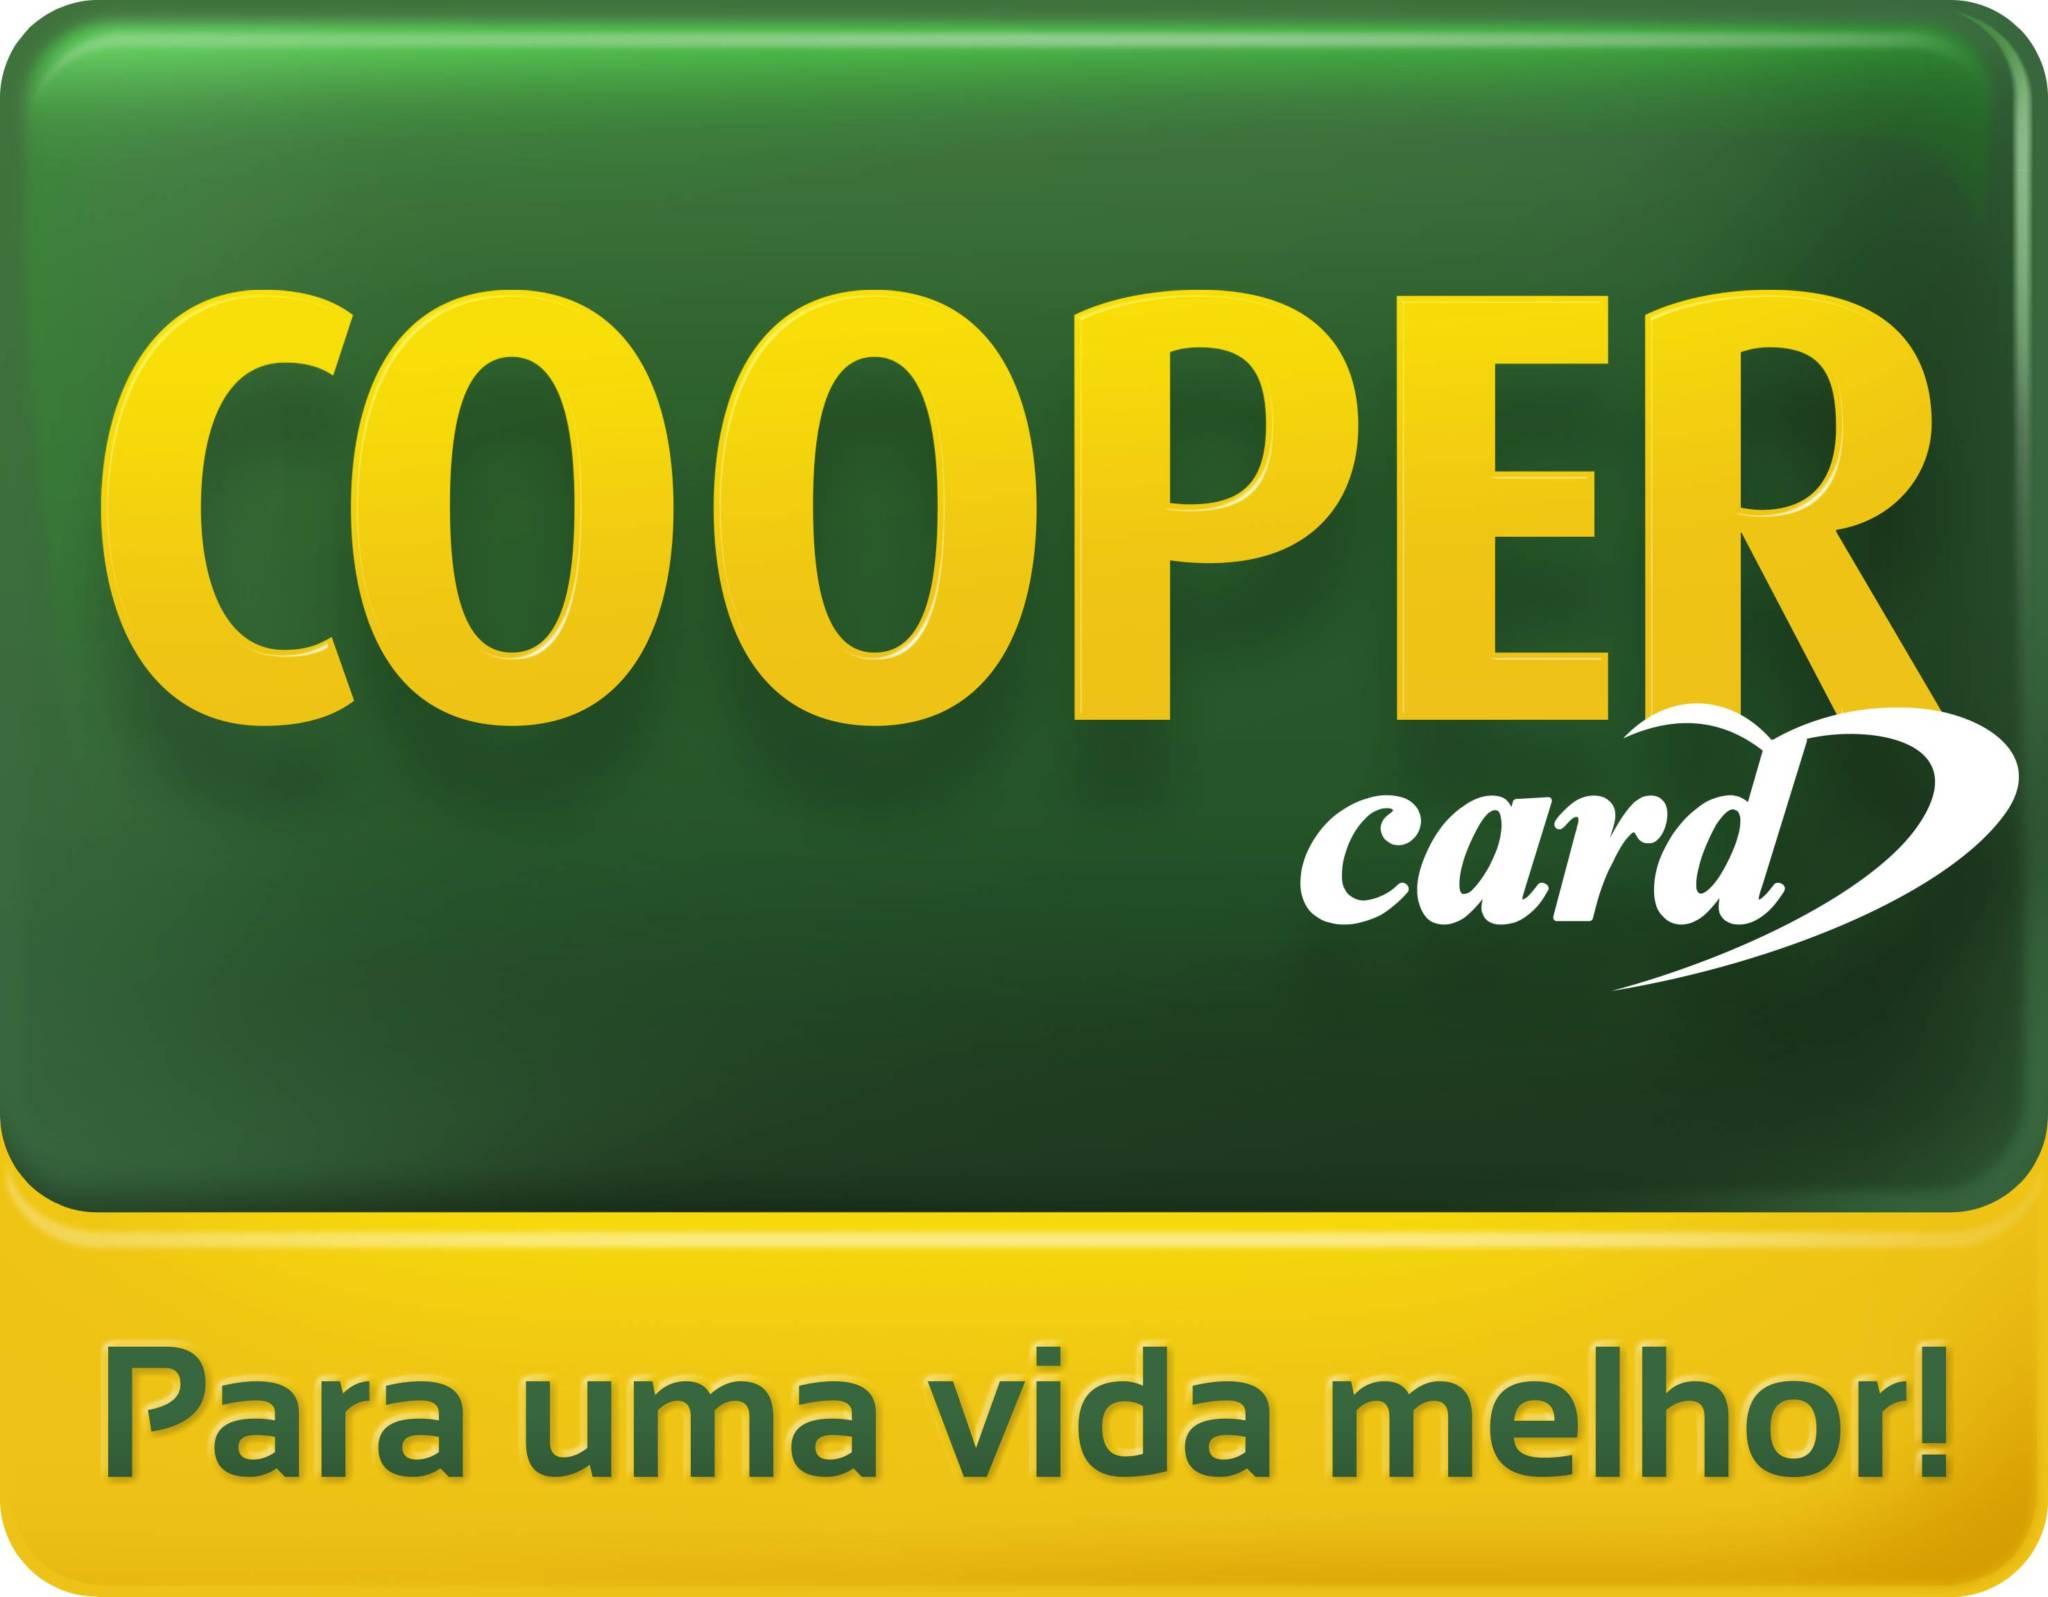 Cooper Card - Administradora de Cartões